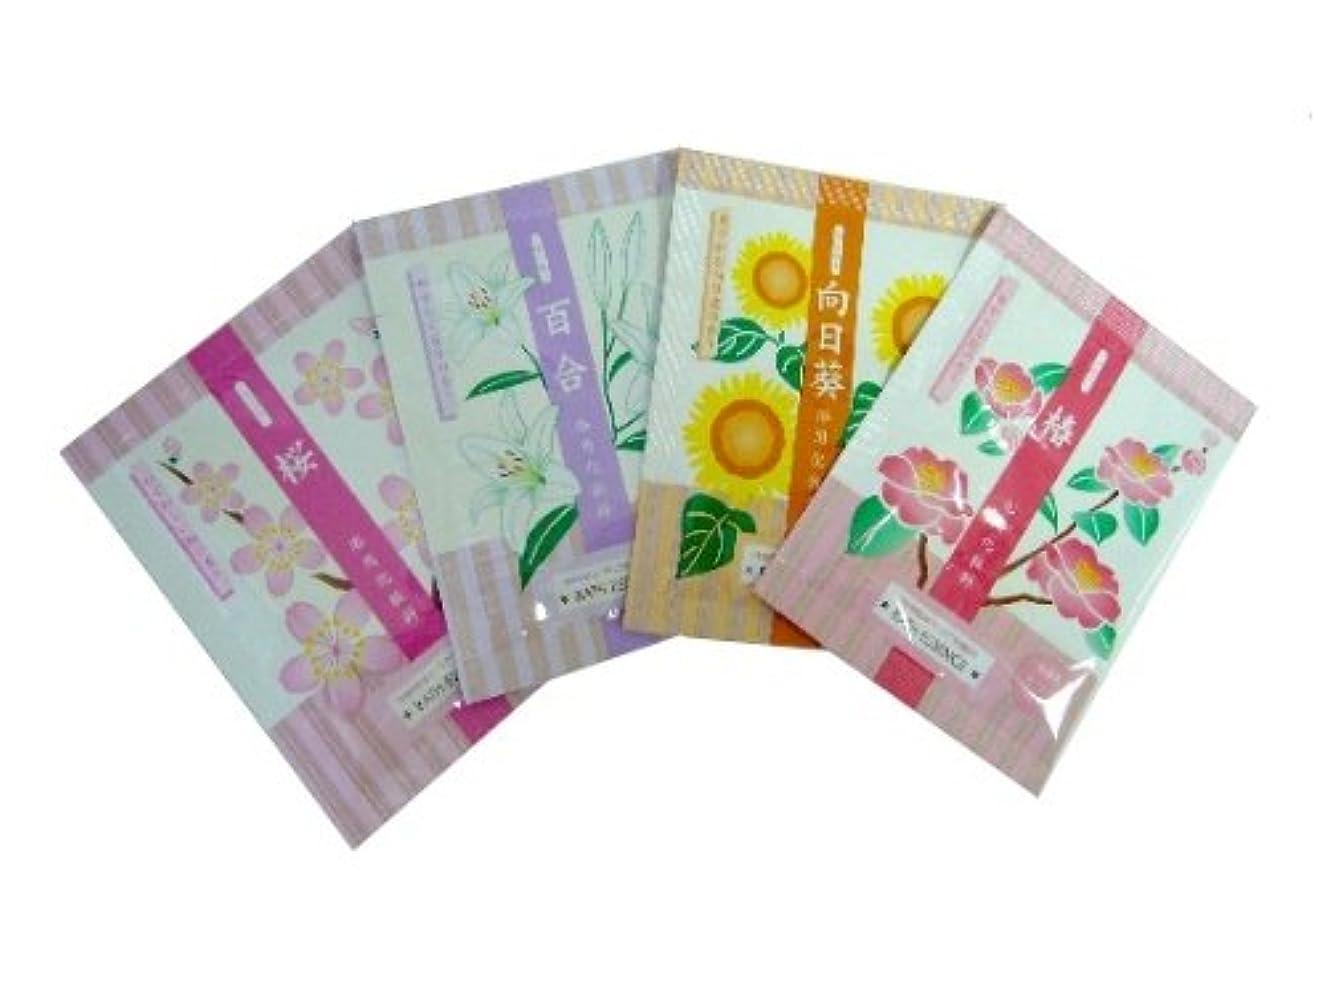 眉メジャーマトリックス入浴剤 花の入浴料シリーズ 4種 各10包?計40包セット